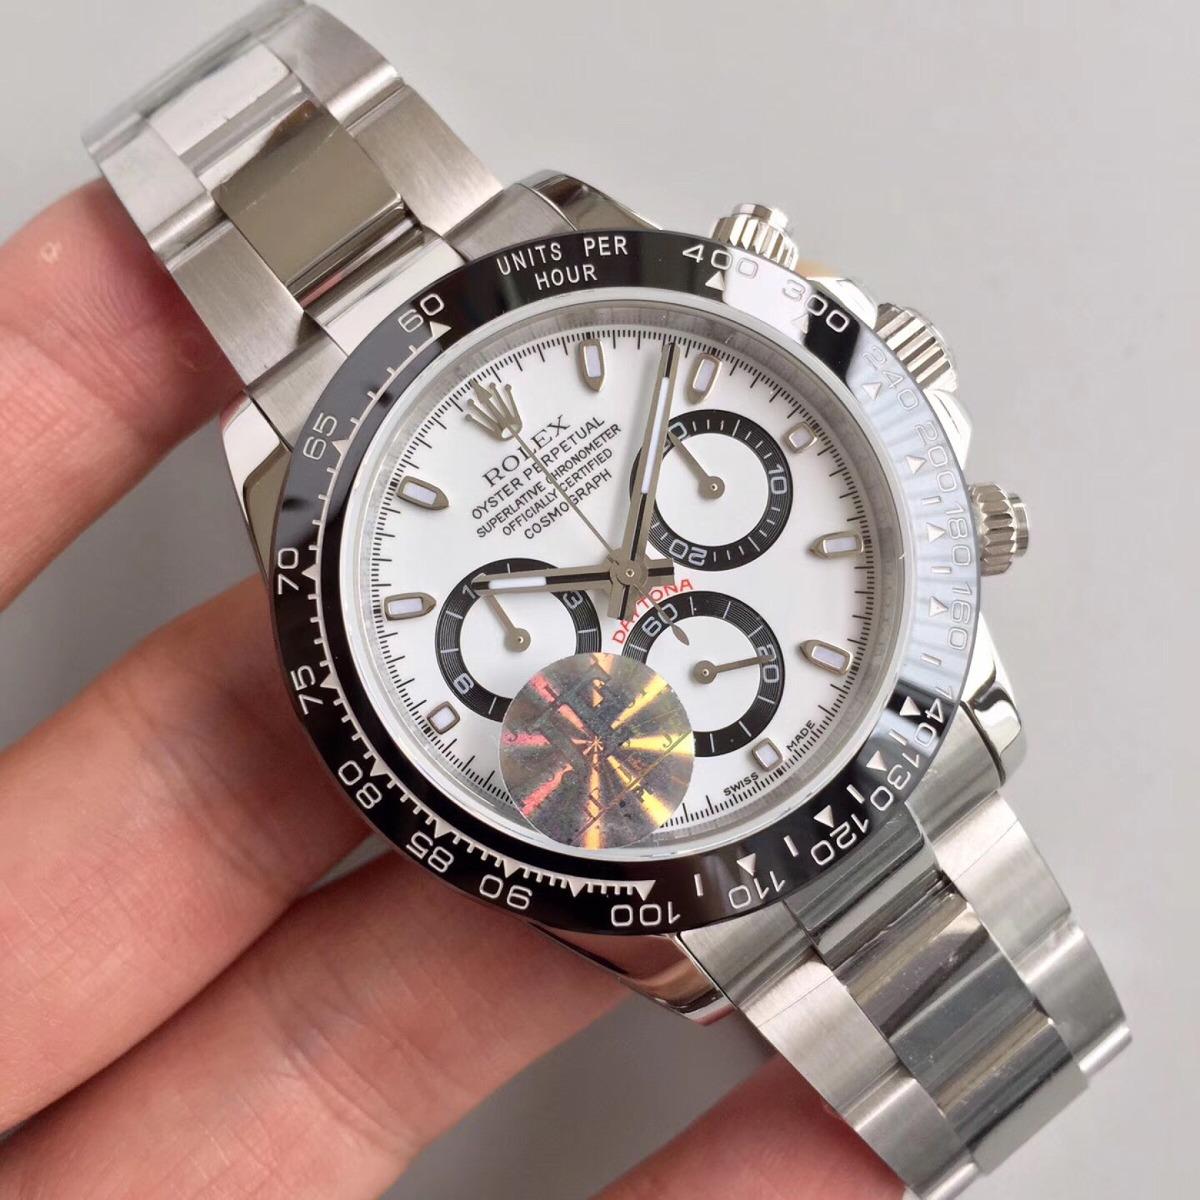 e71186f493e relógio rolex daytona cerâmica maquina eta 7750. Carregando zoom.